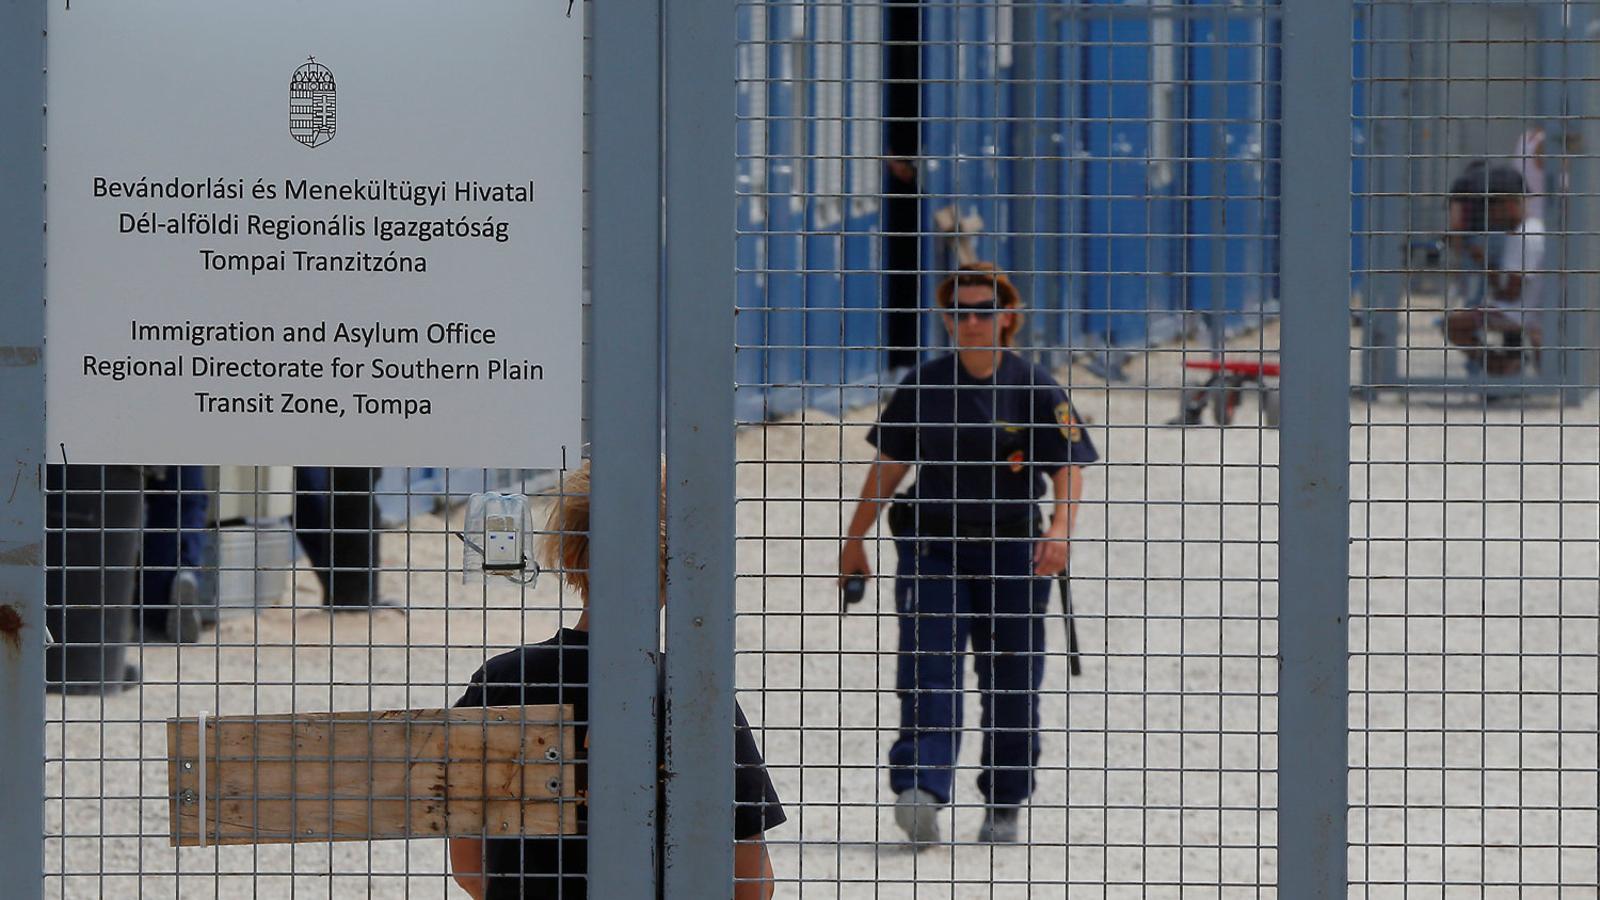 Xenofòbia institucional, detencions sistemàtiques i violència contra els refugiats a Hongria